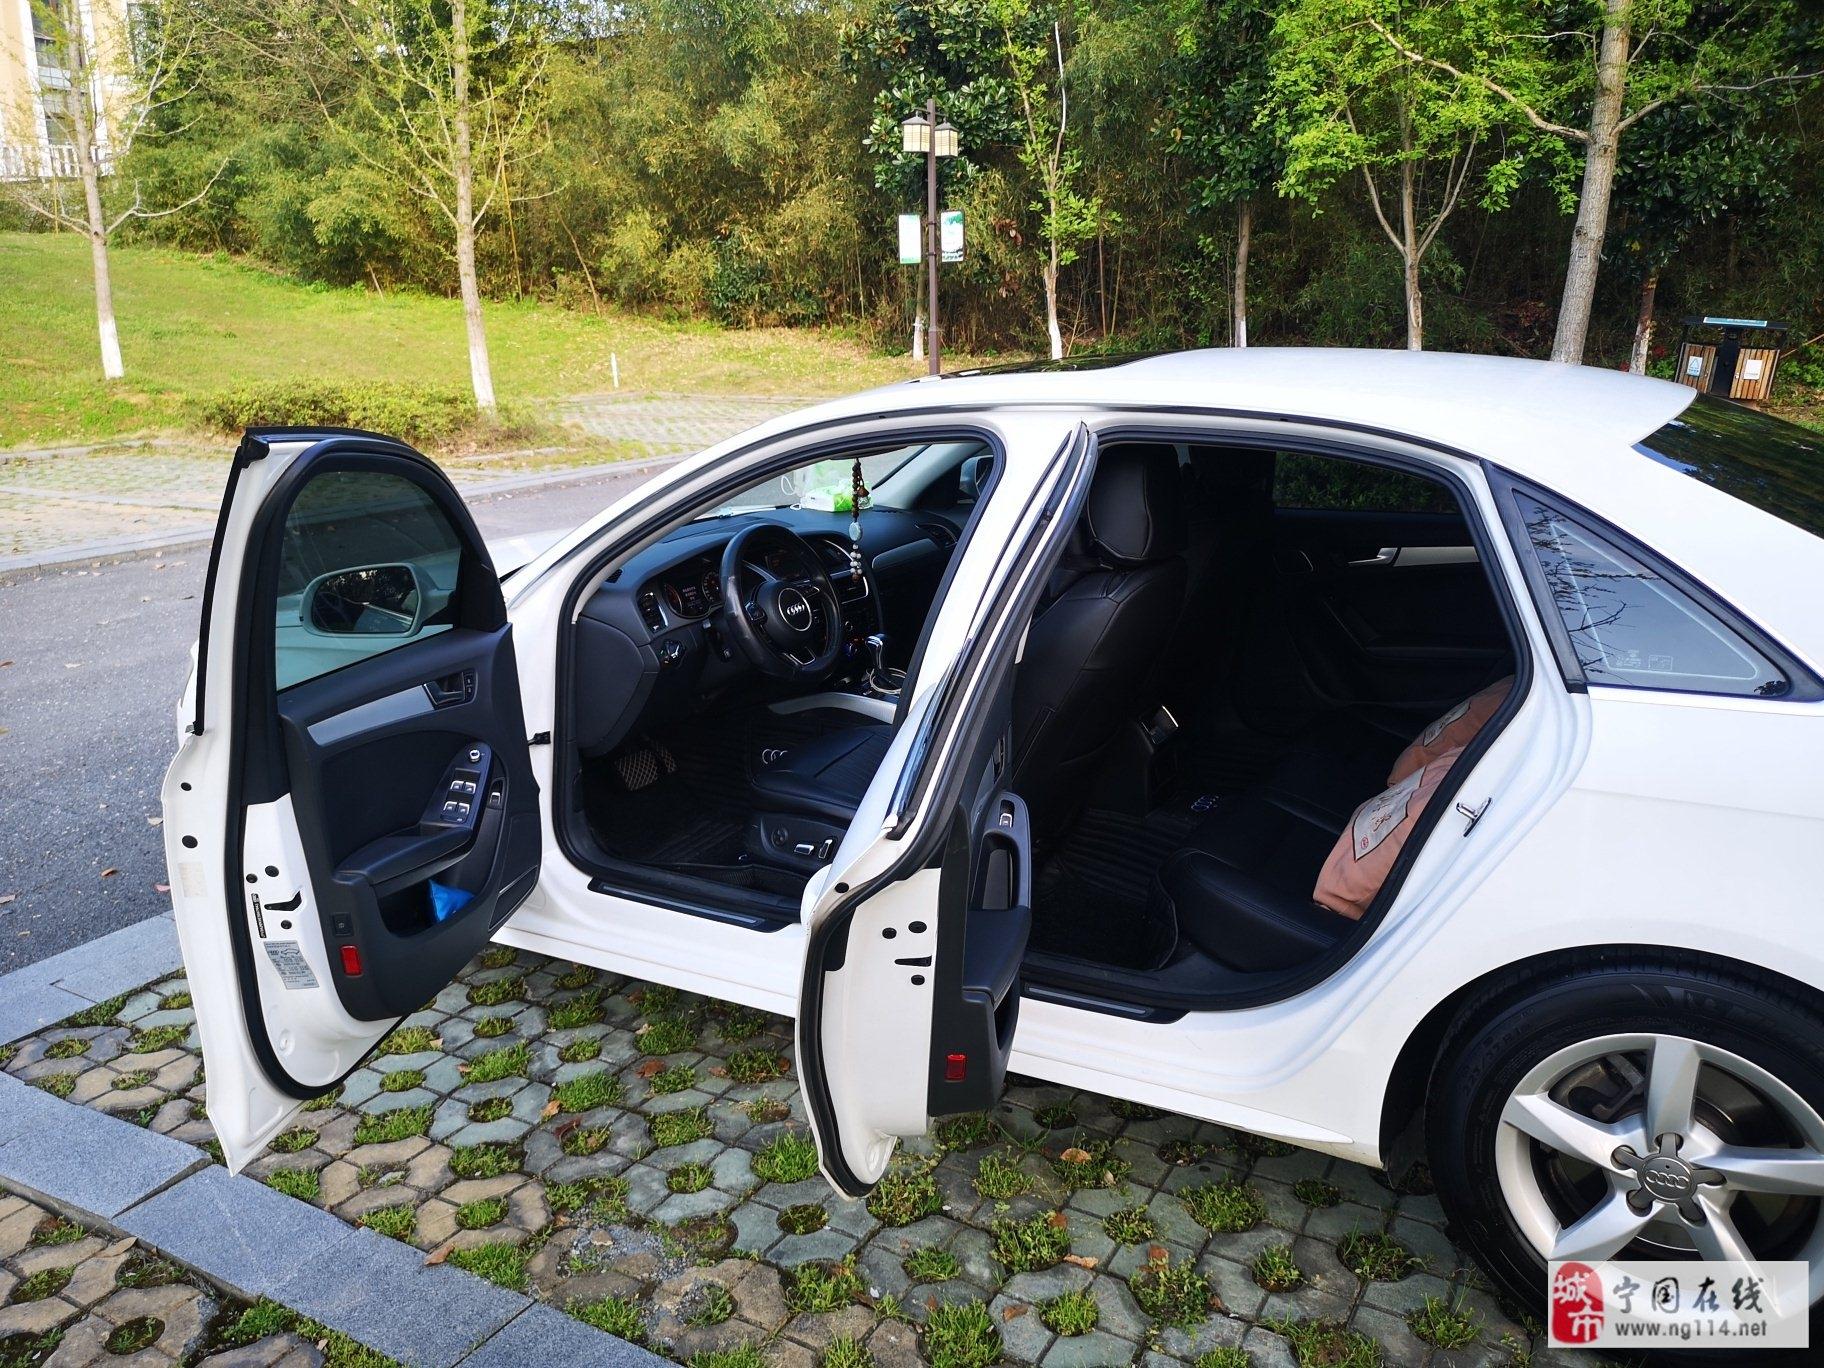 奥迪.A4L2.0T自动挡私家车一辆,换车出售